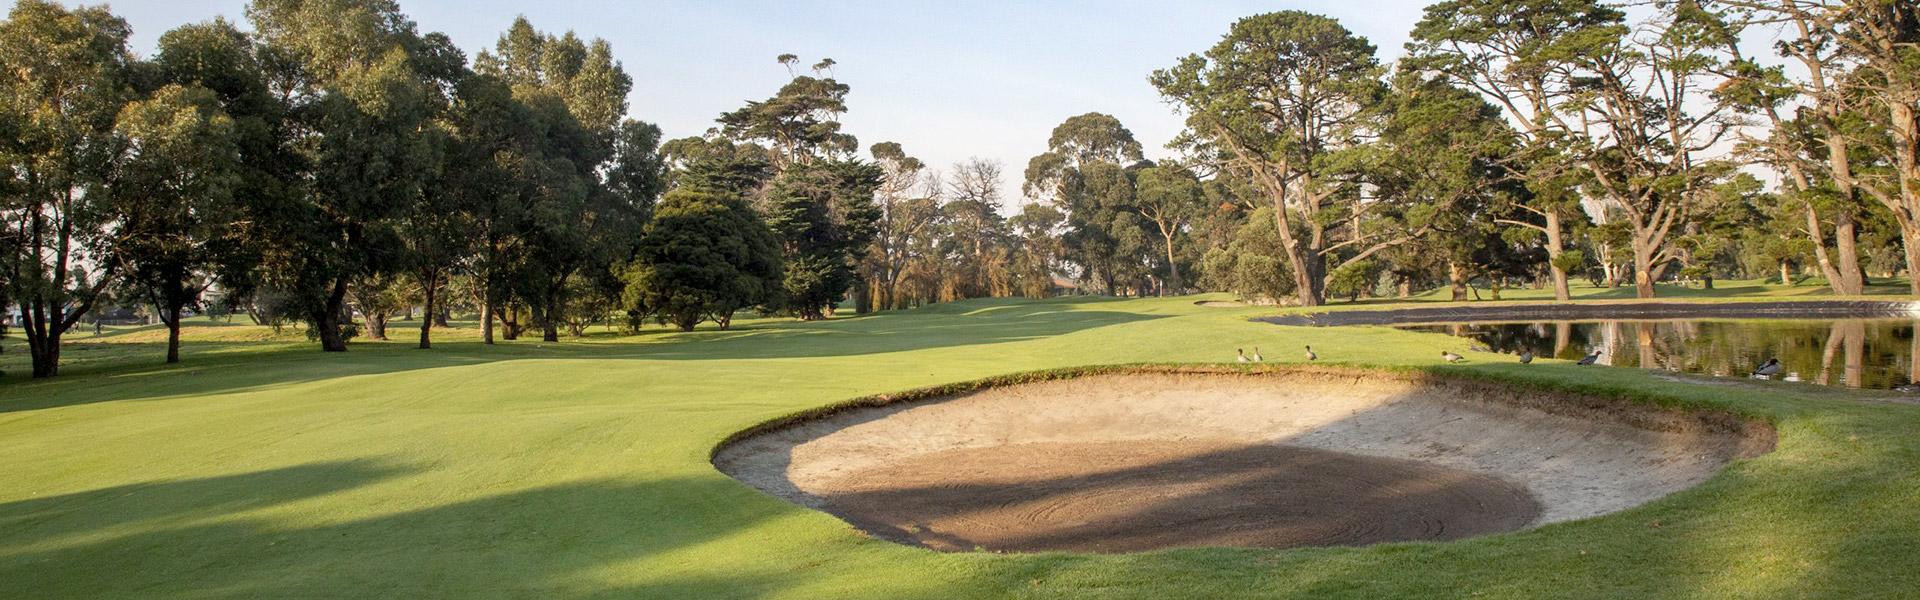 Hole 17 - Rossdale Golf Club